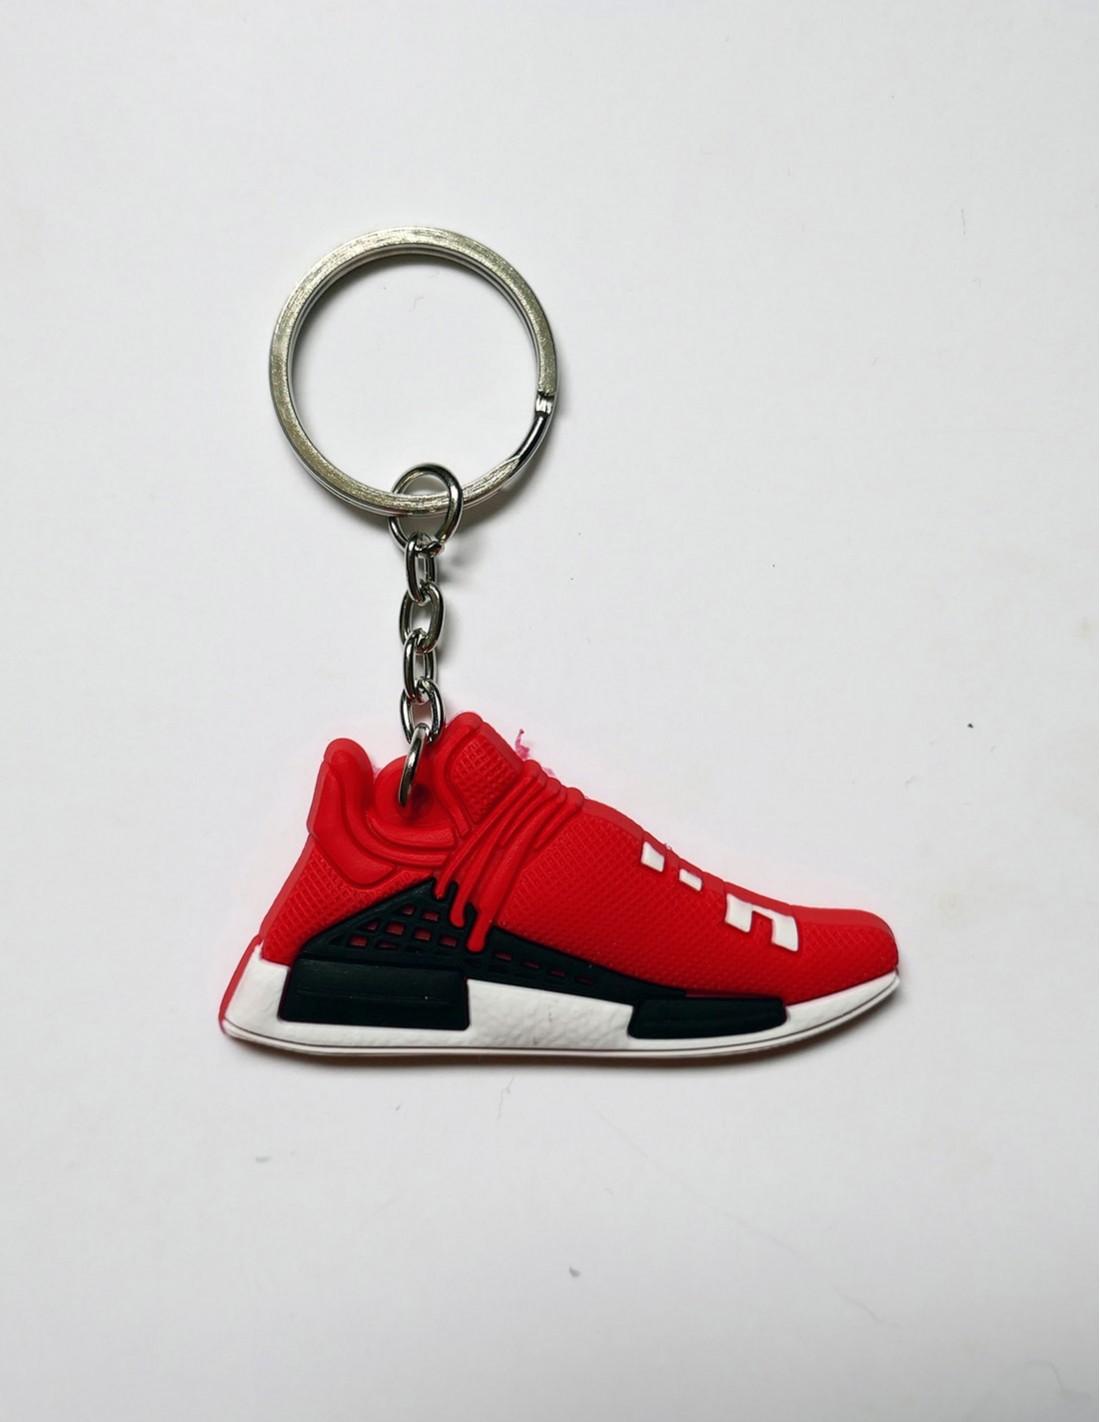 c96c8e32e Porte clé Human race pw pharrell red par Adidas